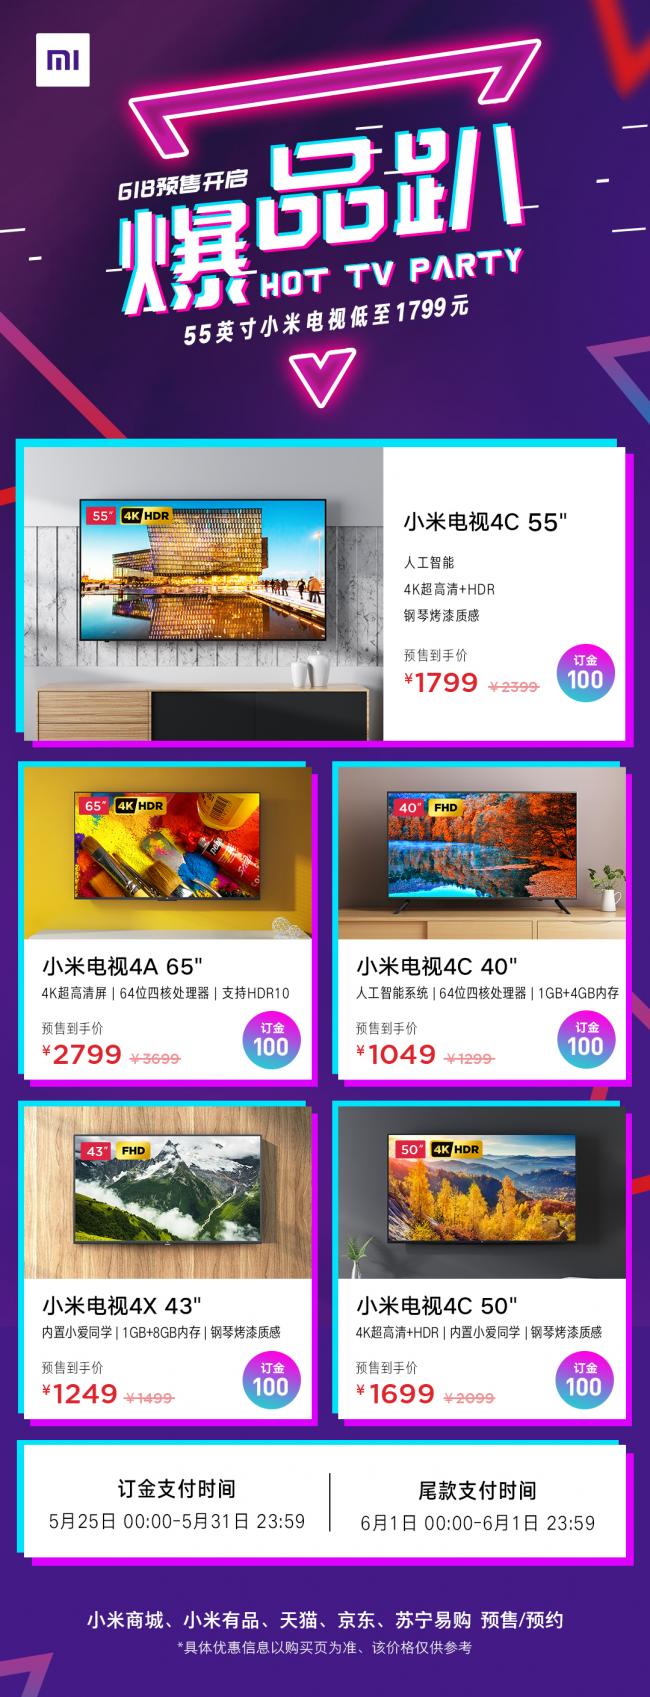 原创小米电视618让利大促销,55寸爆品不到2000